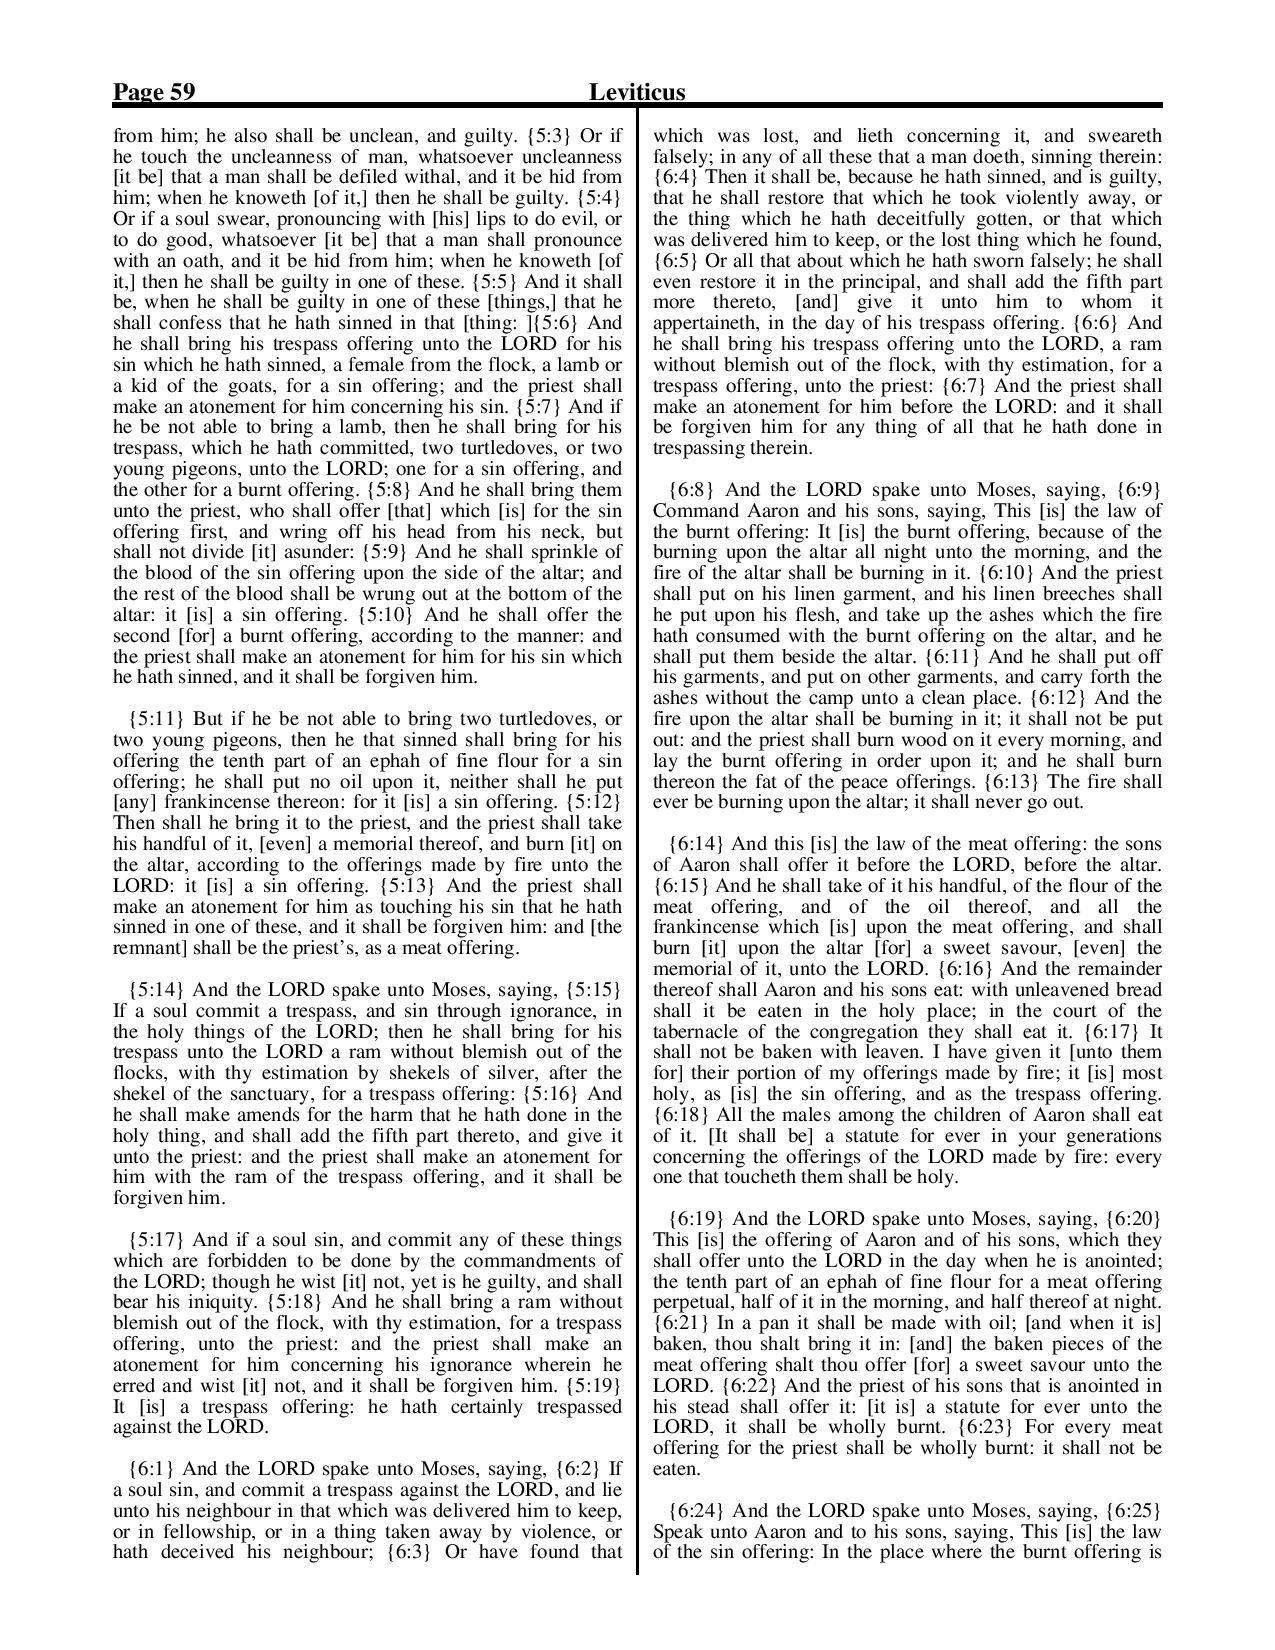 King-James-Bible-KJV-Bible-PDF-page-080